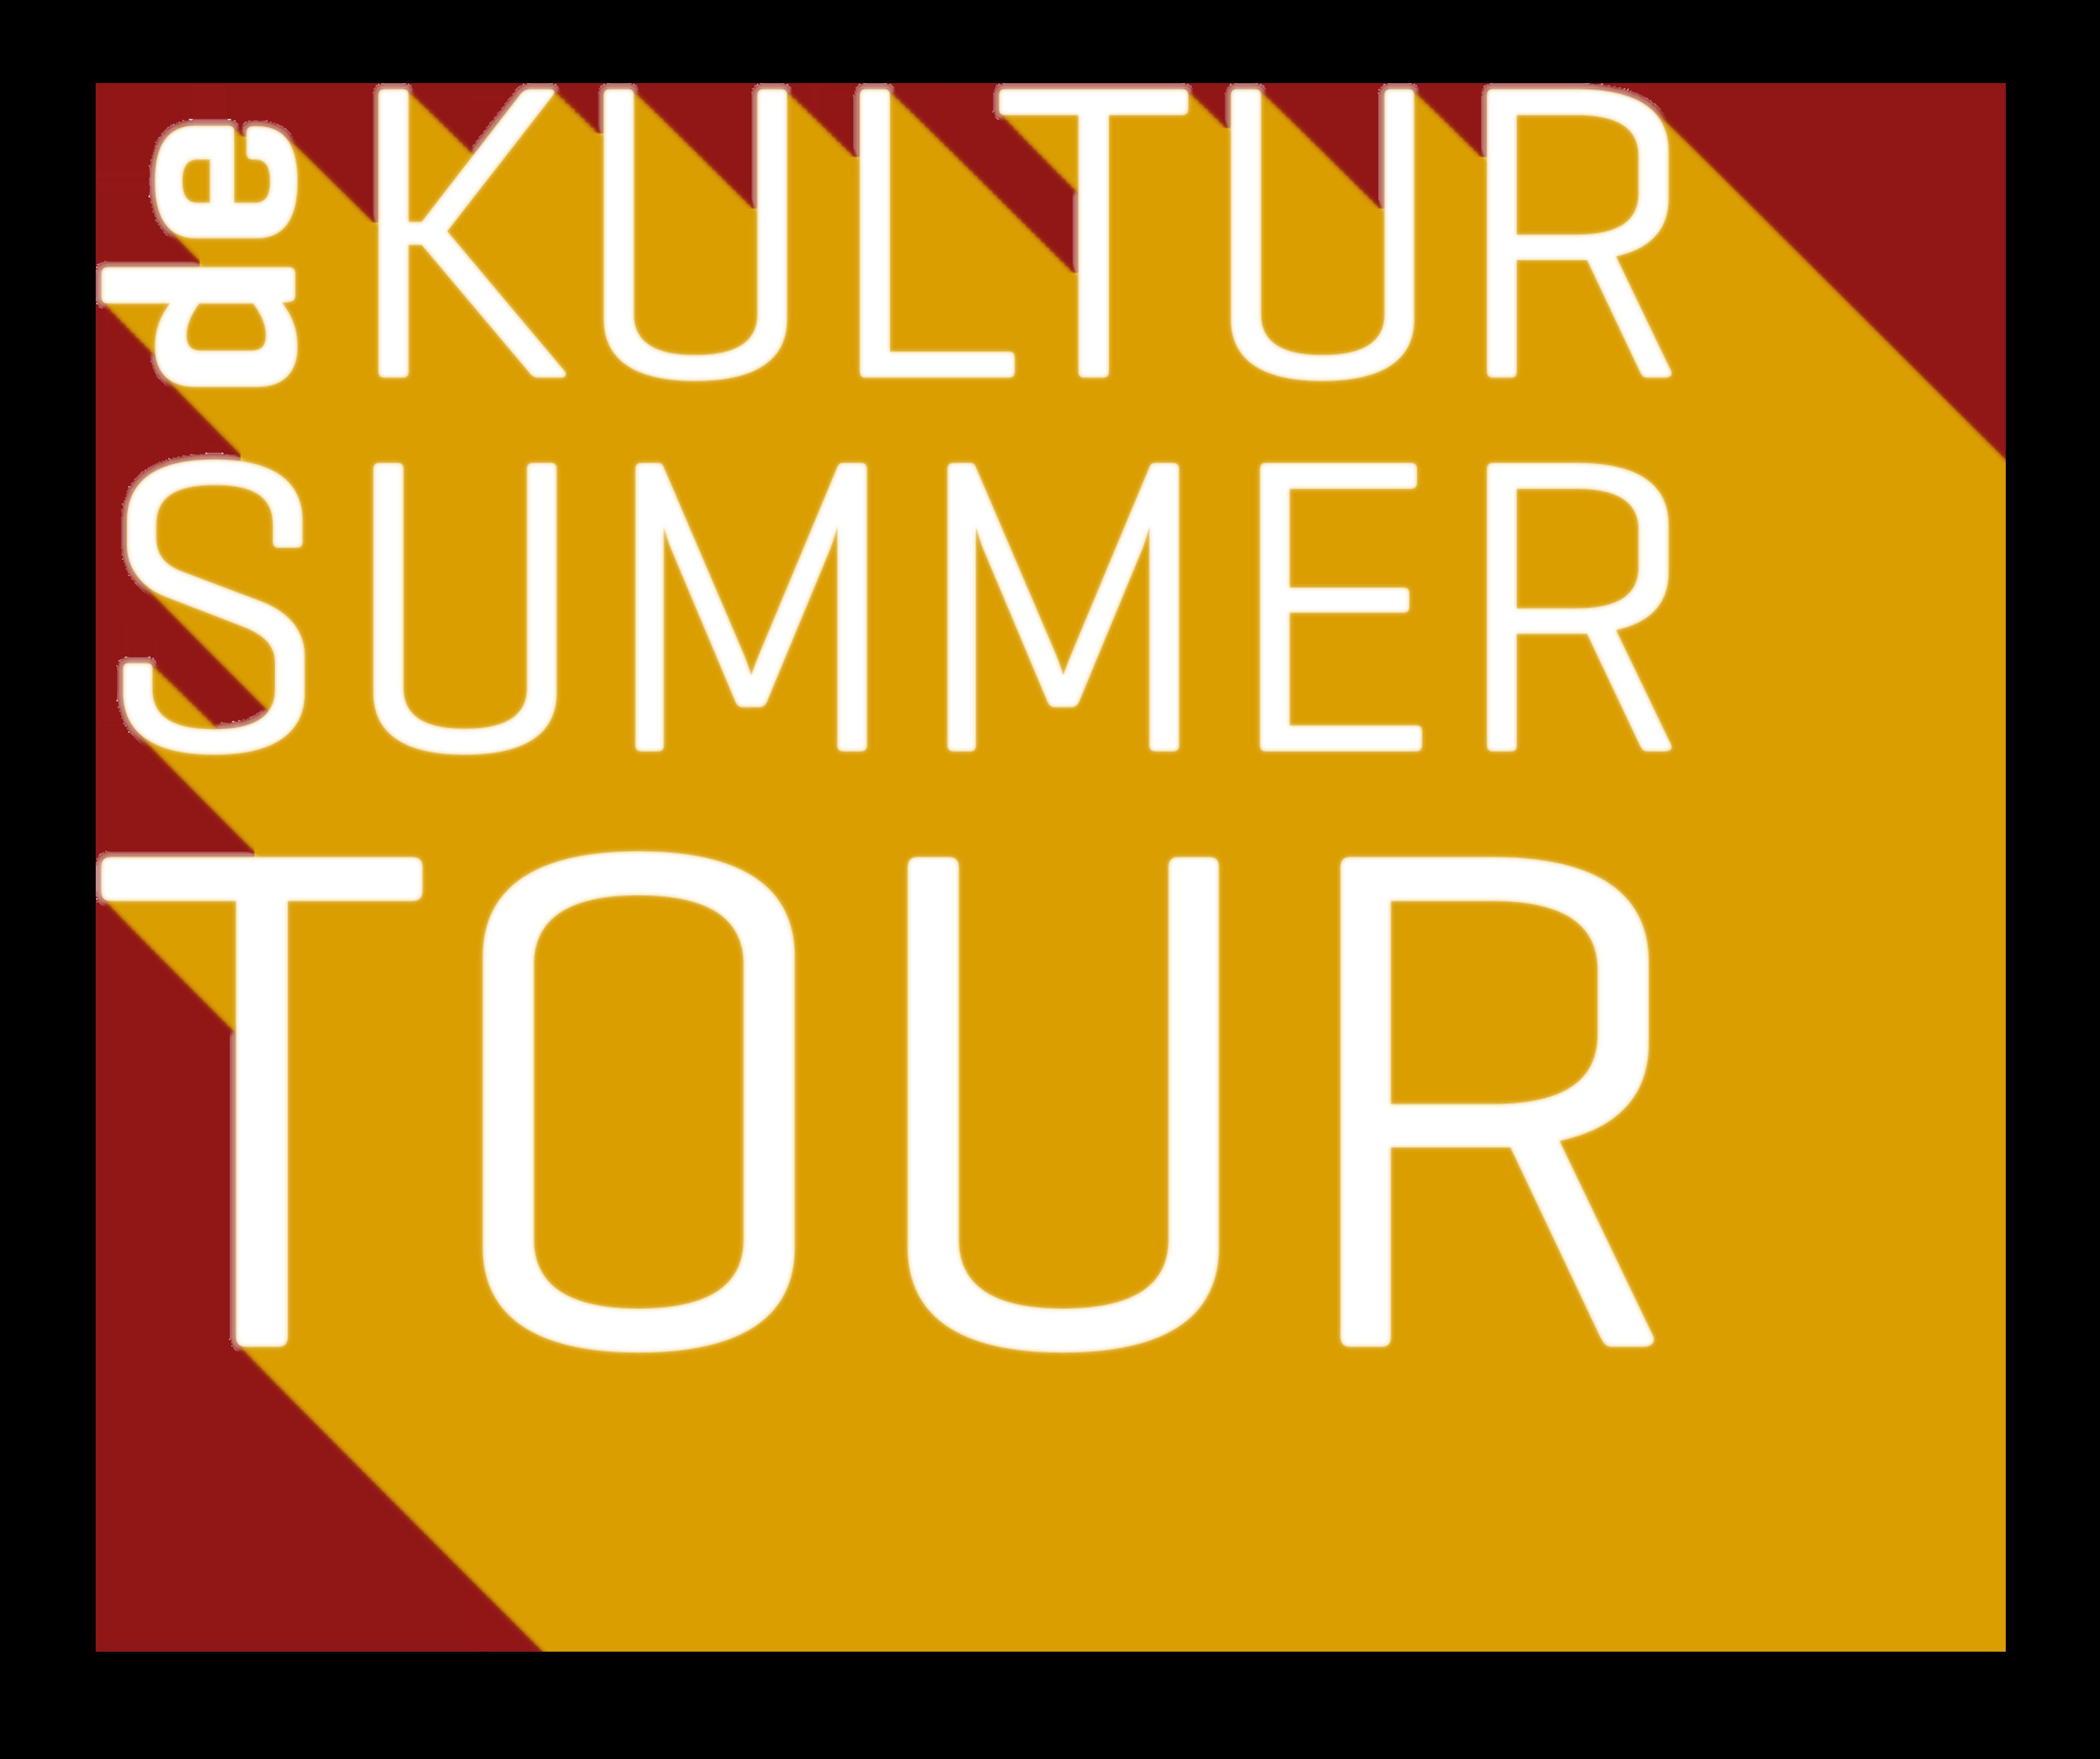 Kultur Summer